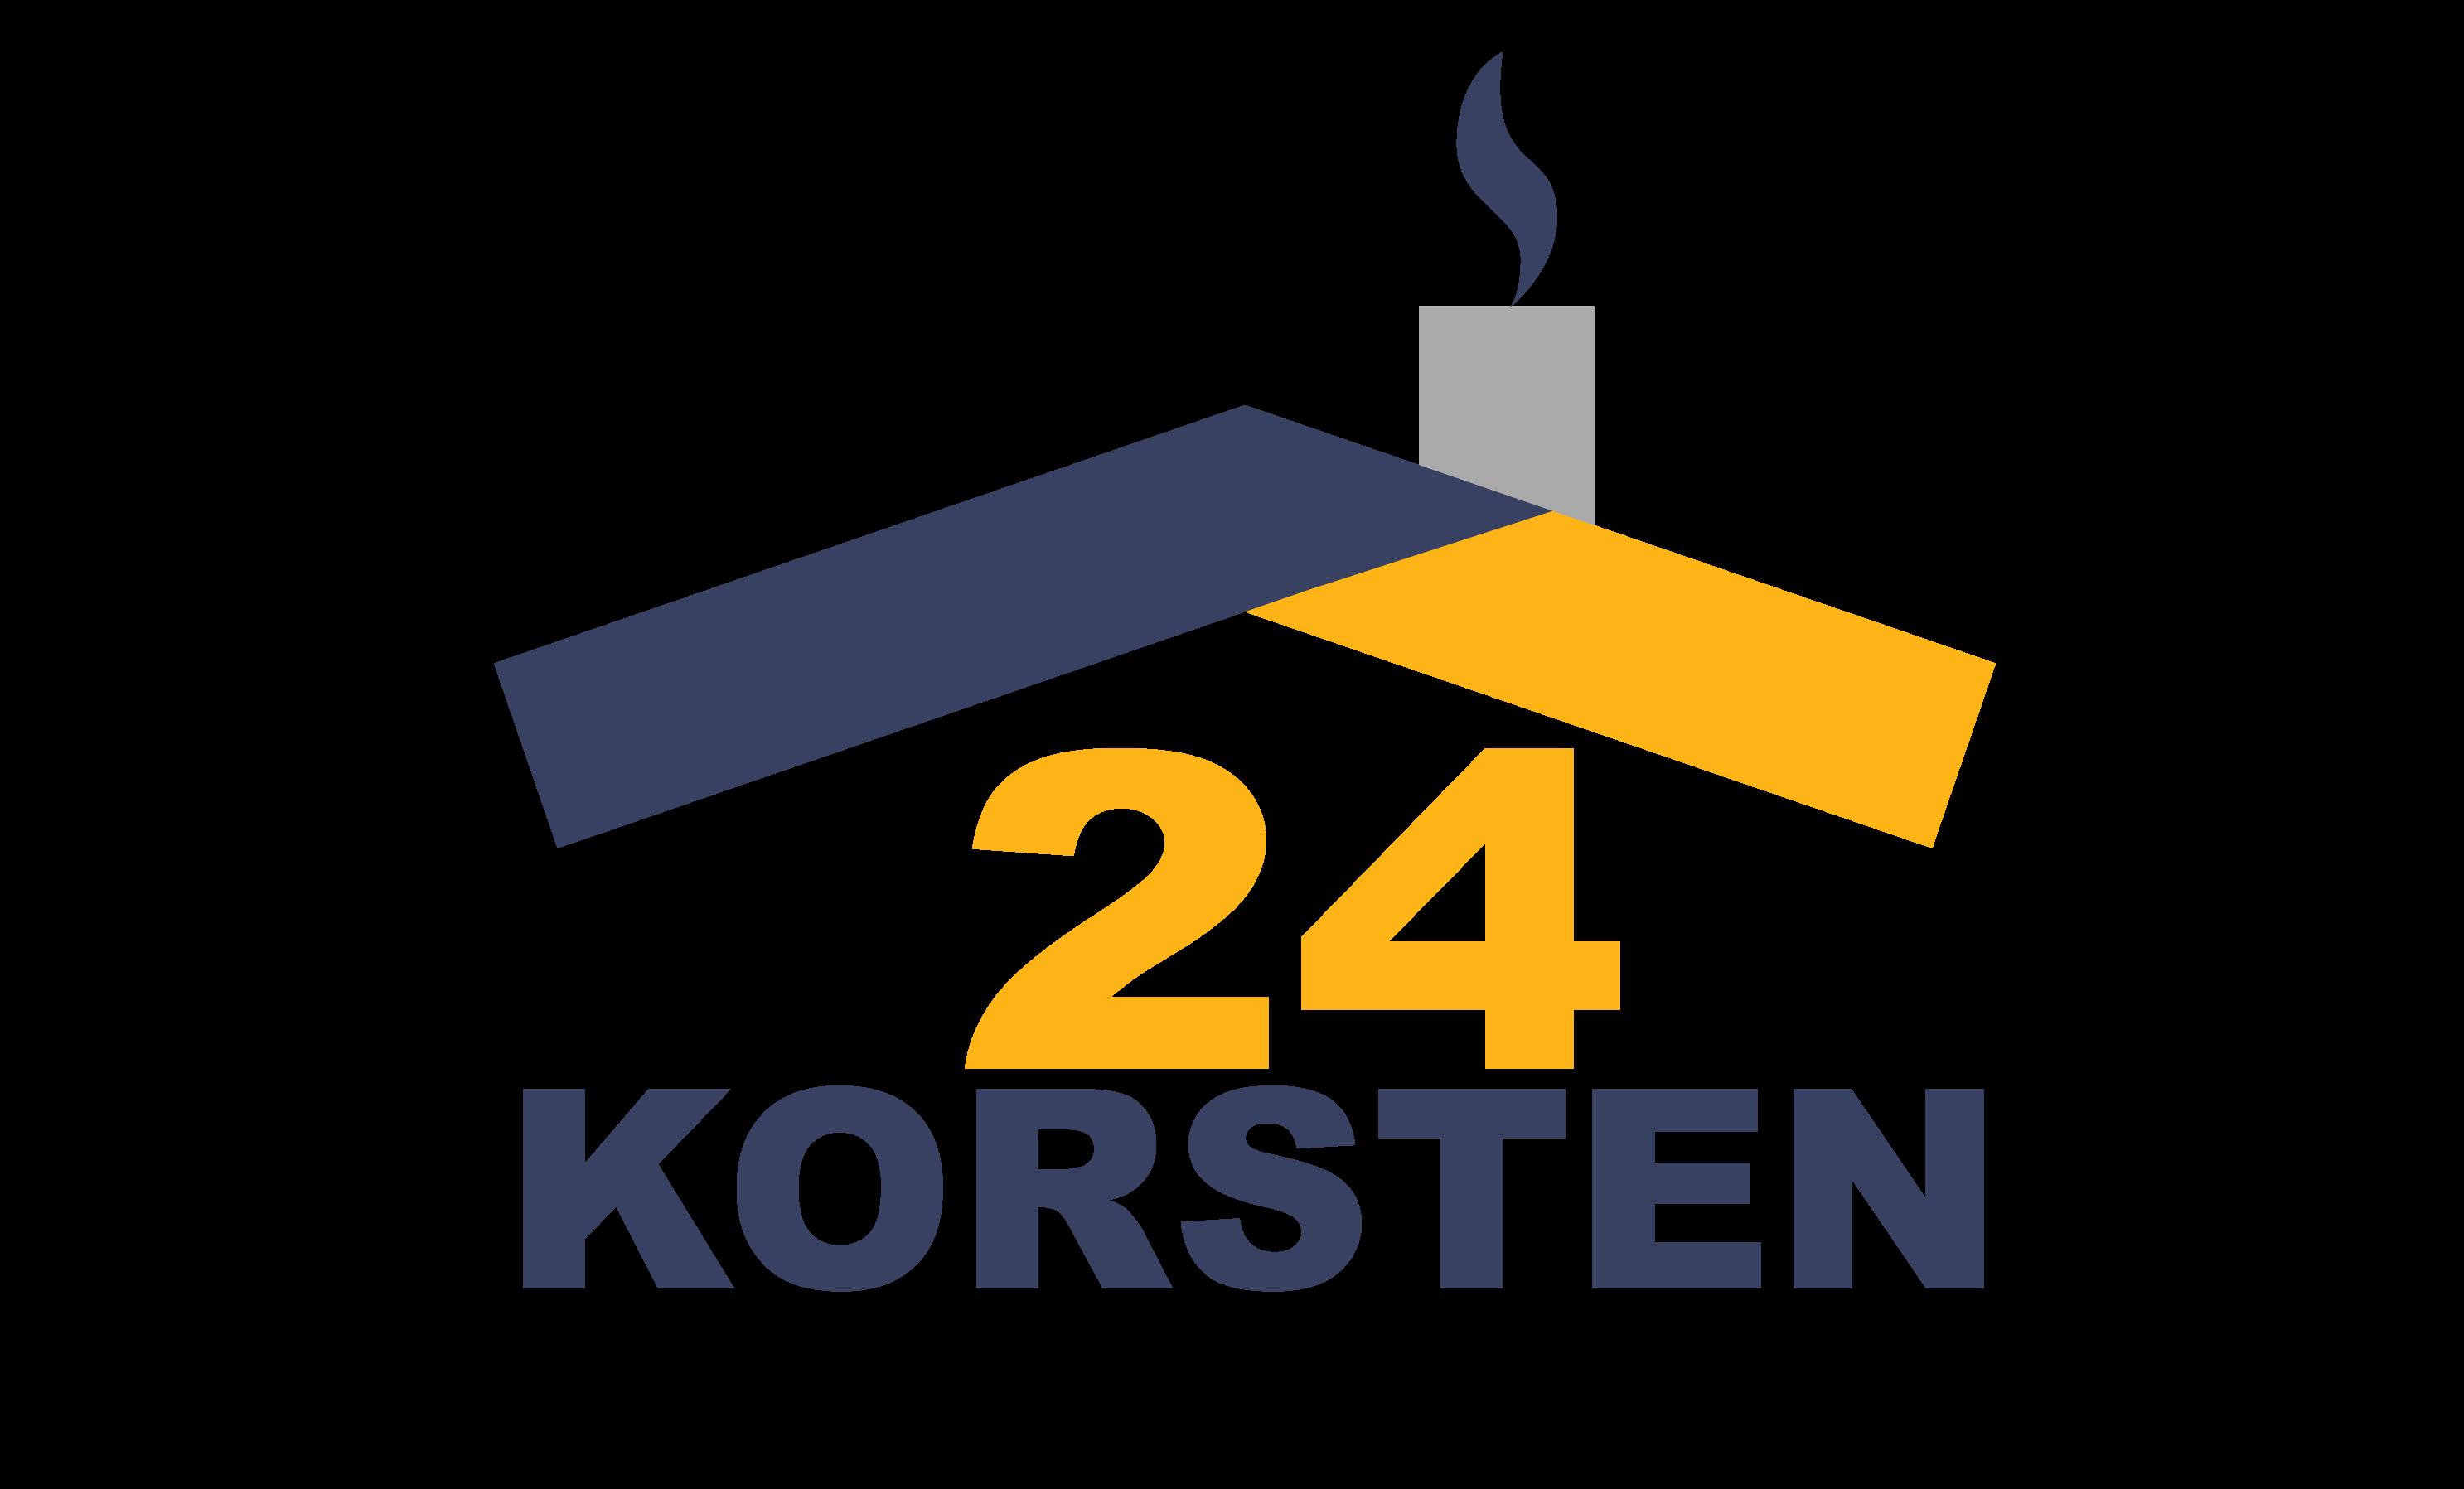 logo_korsten